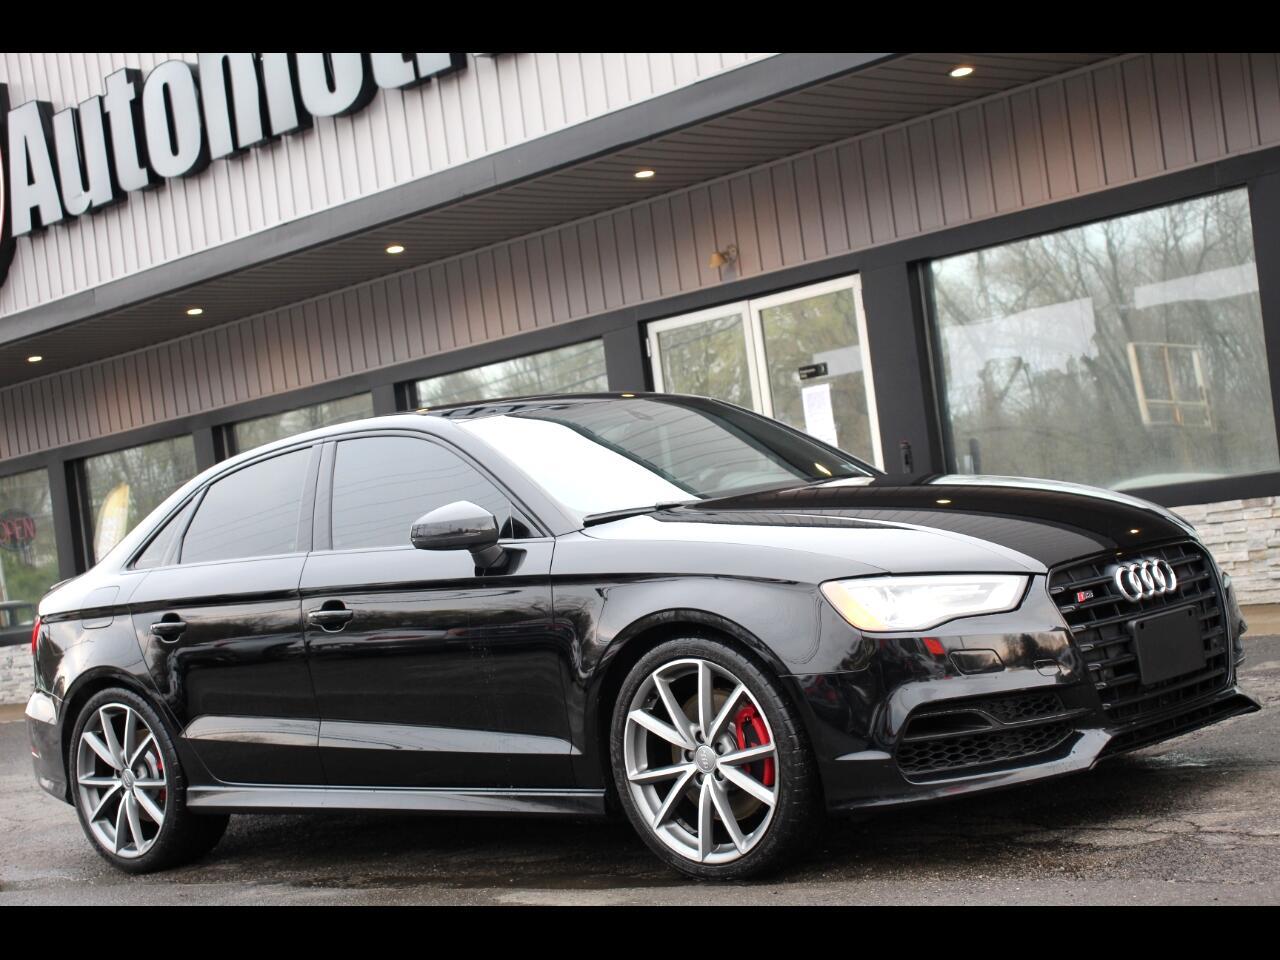 Audi S3 4dr Sdn quattro Premium Plus 2016